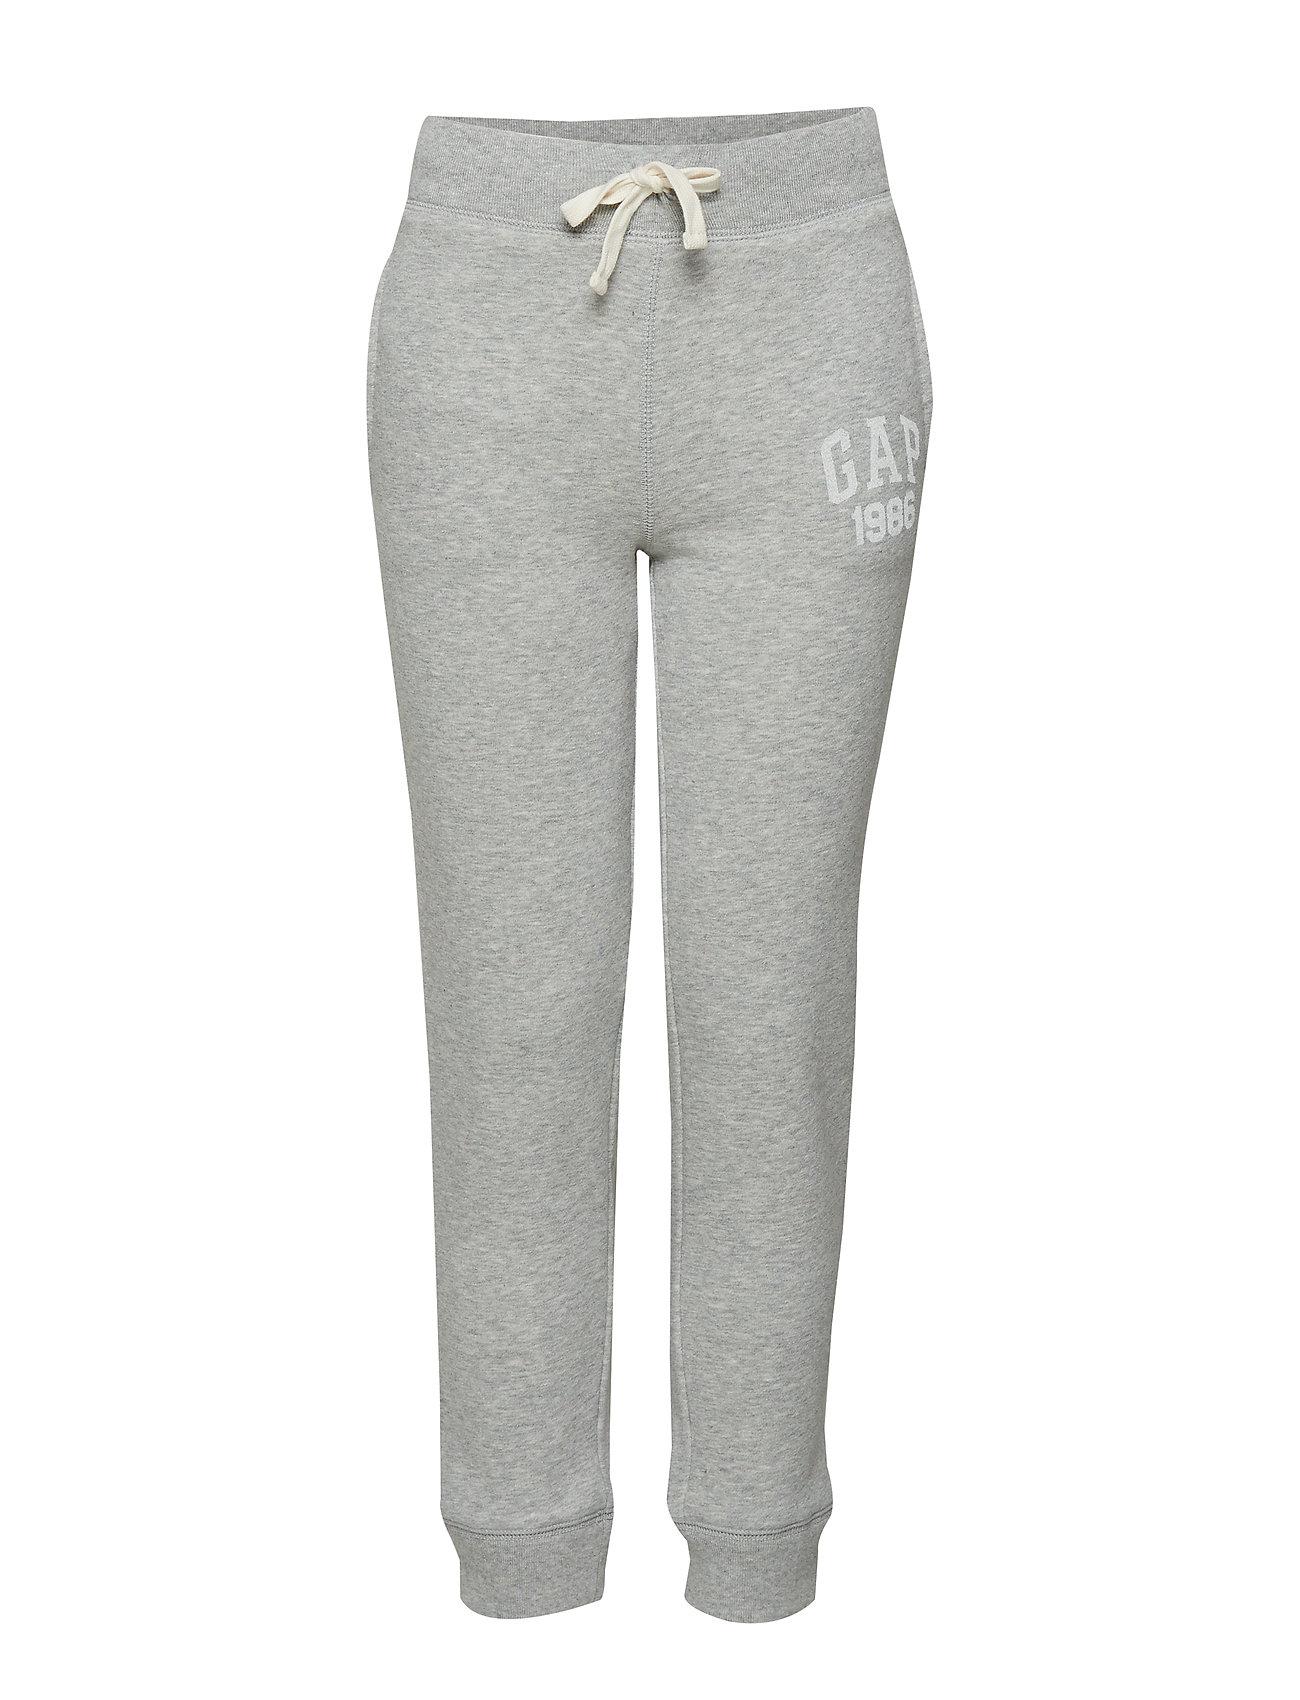 Image of V-Ie Slim Basic Flc Pnt Sweatpants Hyggebukser Grå GAP (3176006945)